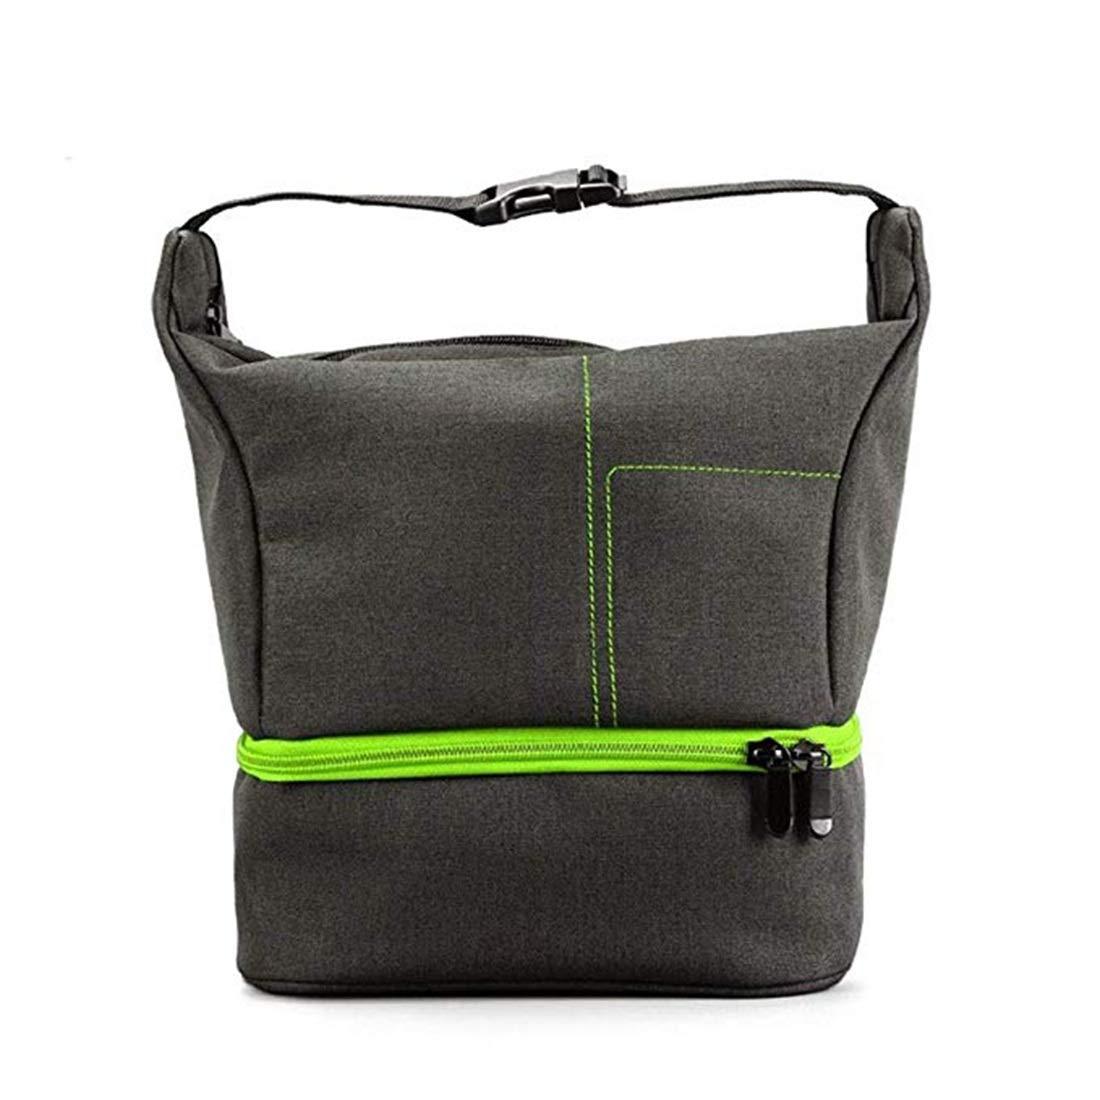 写真パッケージカメラ機器収納袋肩斜め防水一眼レフカメラバッグ (色 : Gray with green) B07S4GVRGD Gray with green